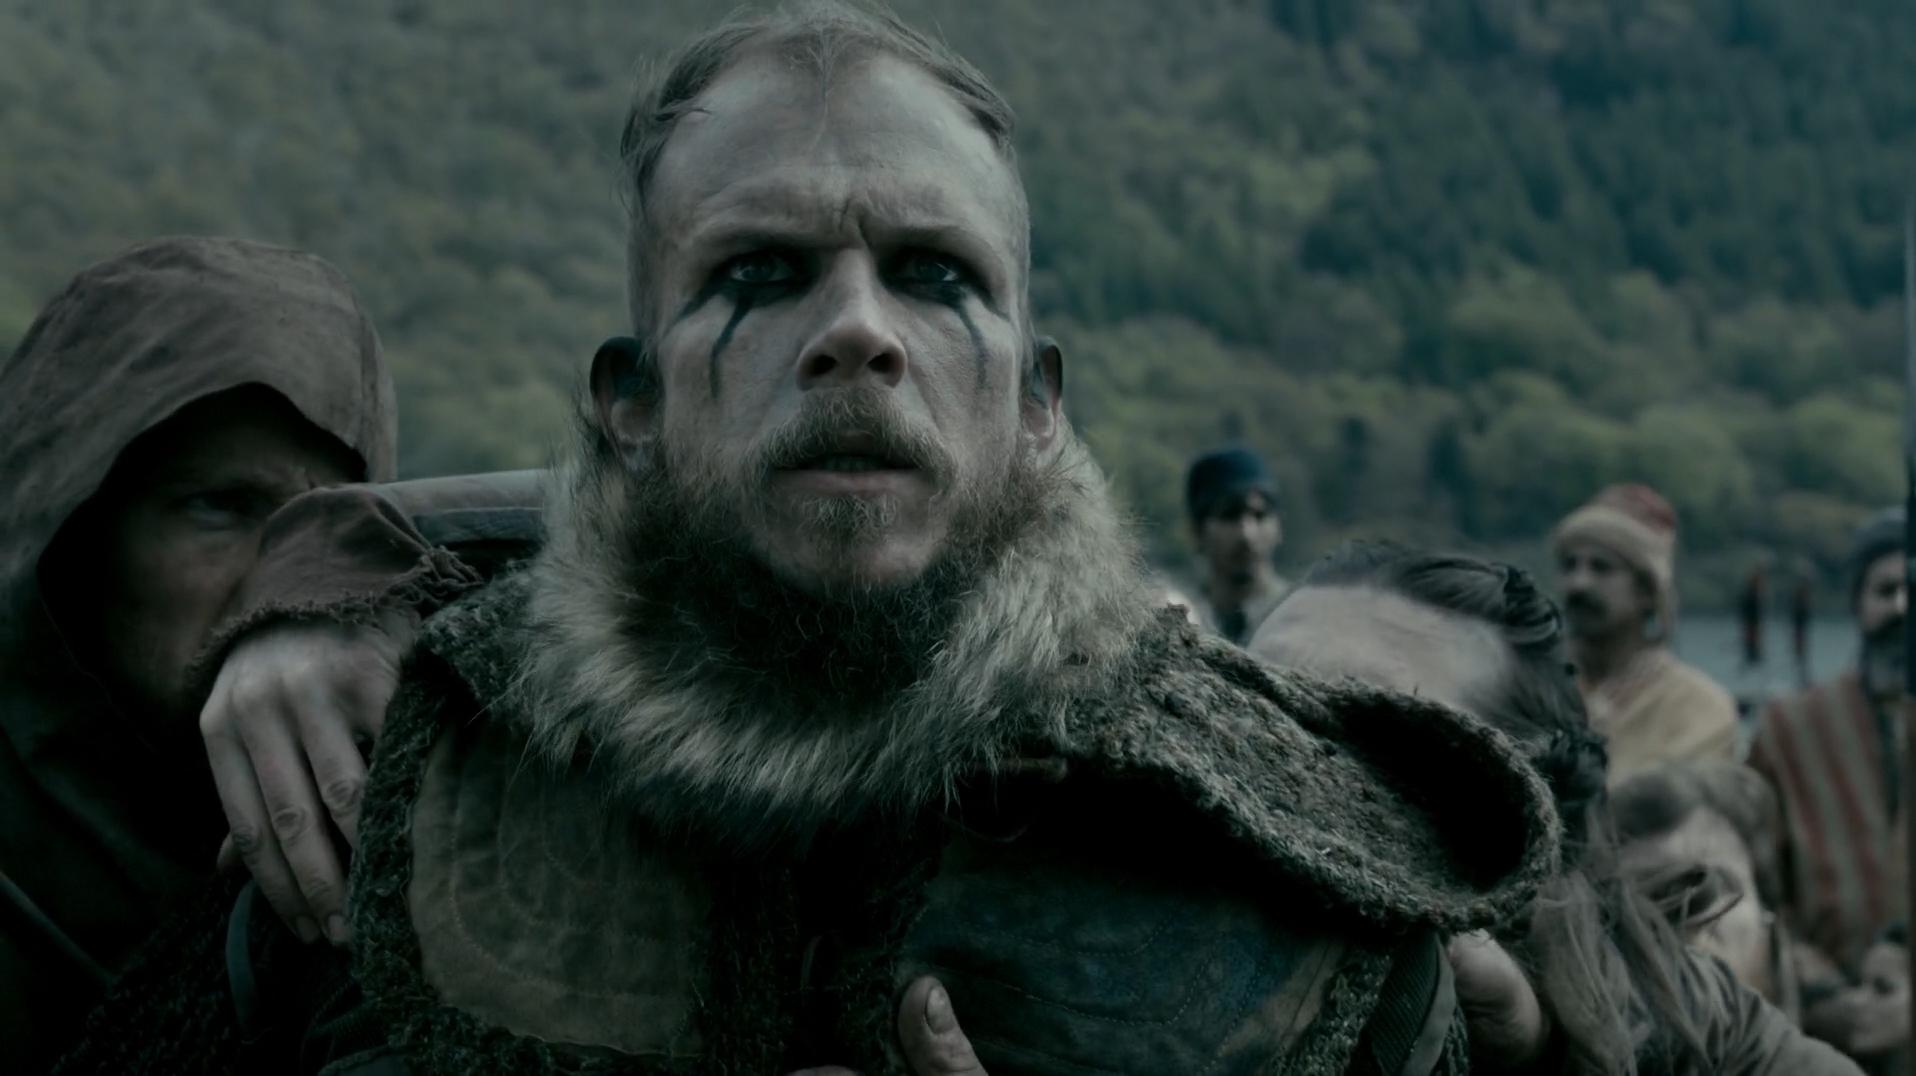 Сериал викинги 5 сезон 11 серия (2018) скачать через торрент.